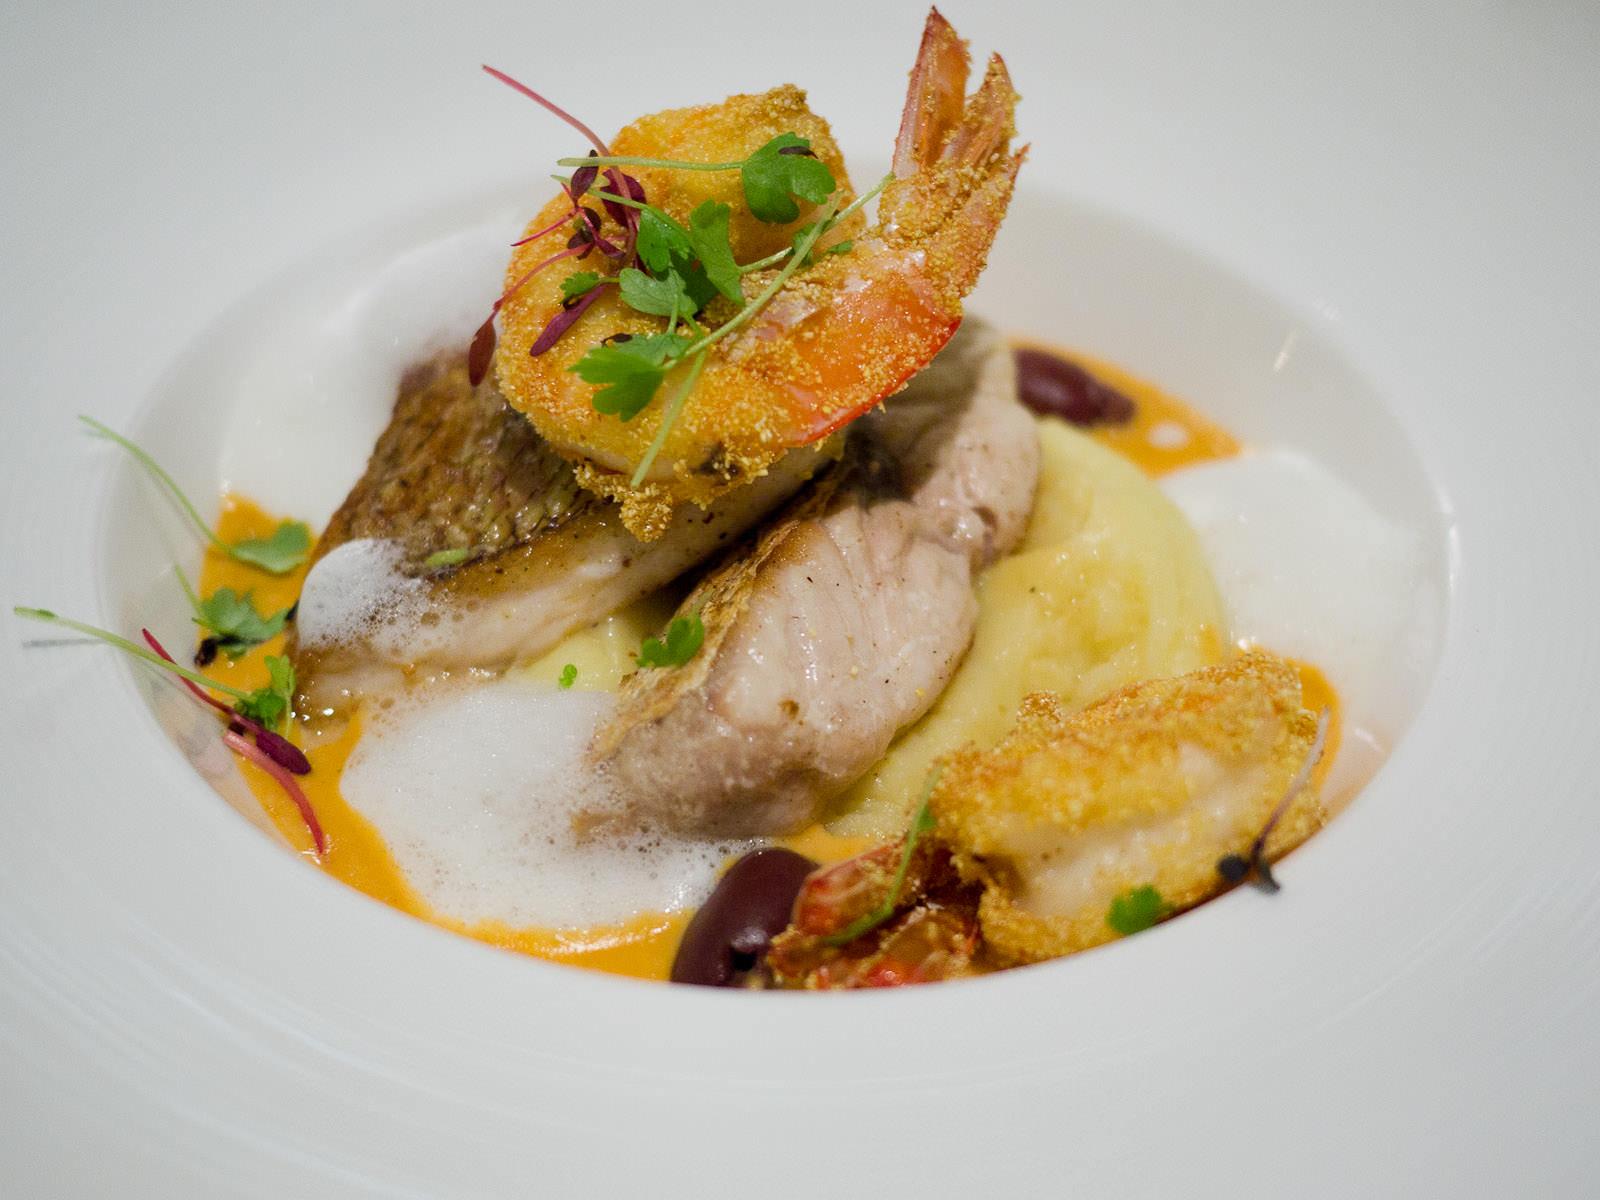 Pan-fried snapper, lobster bisque, black olives and deep fried prawns coated in polenta flour, AU$41